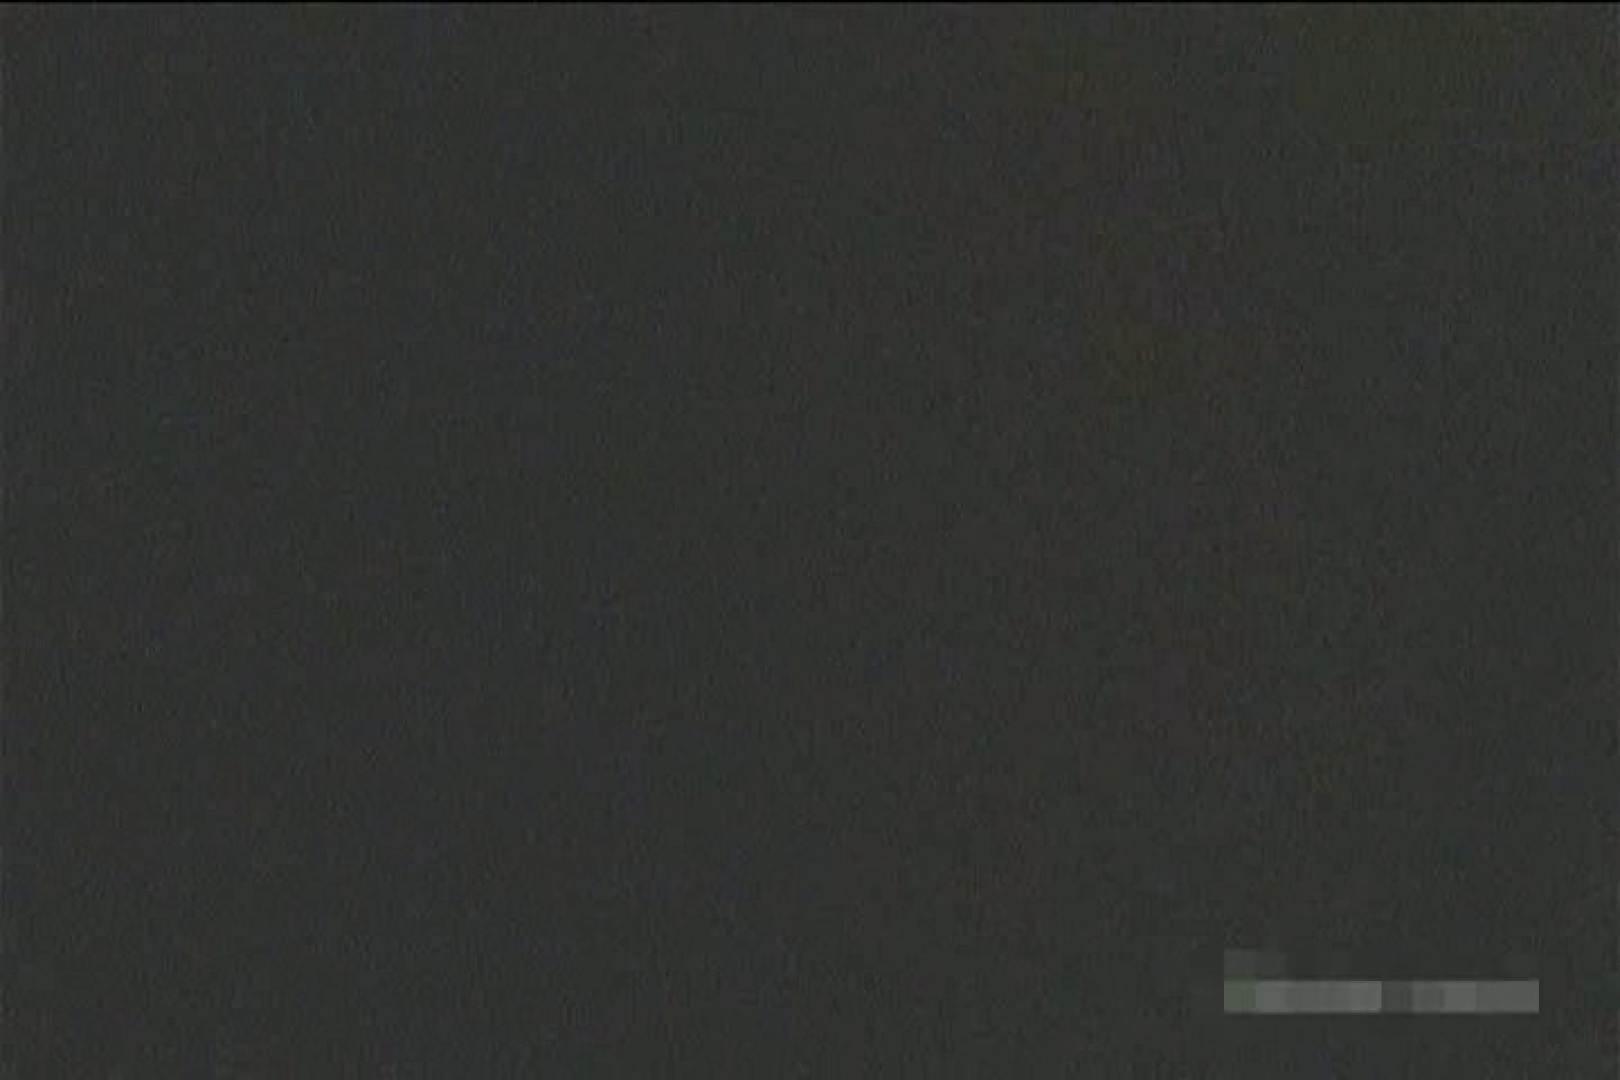 全裸で発情!!家族風呂の実態Vol.1 セックス流出映像 オメコ動画キャプチャ 108連発 88